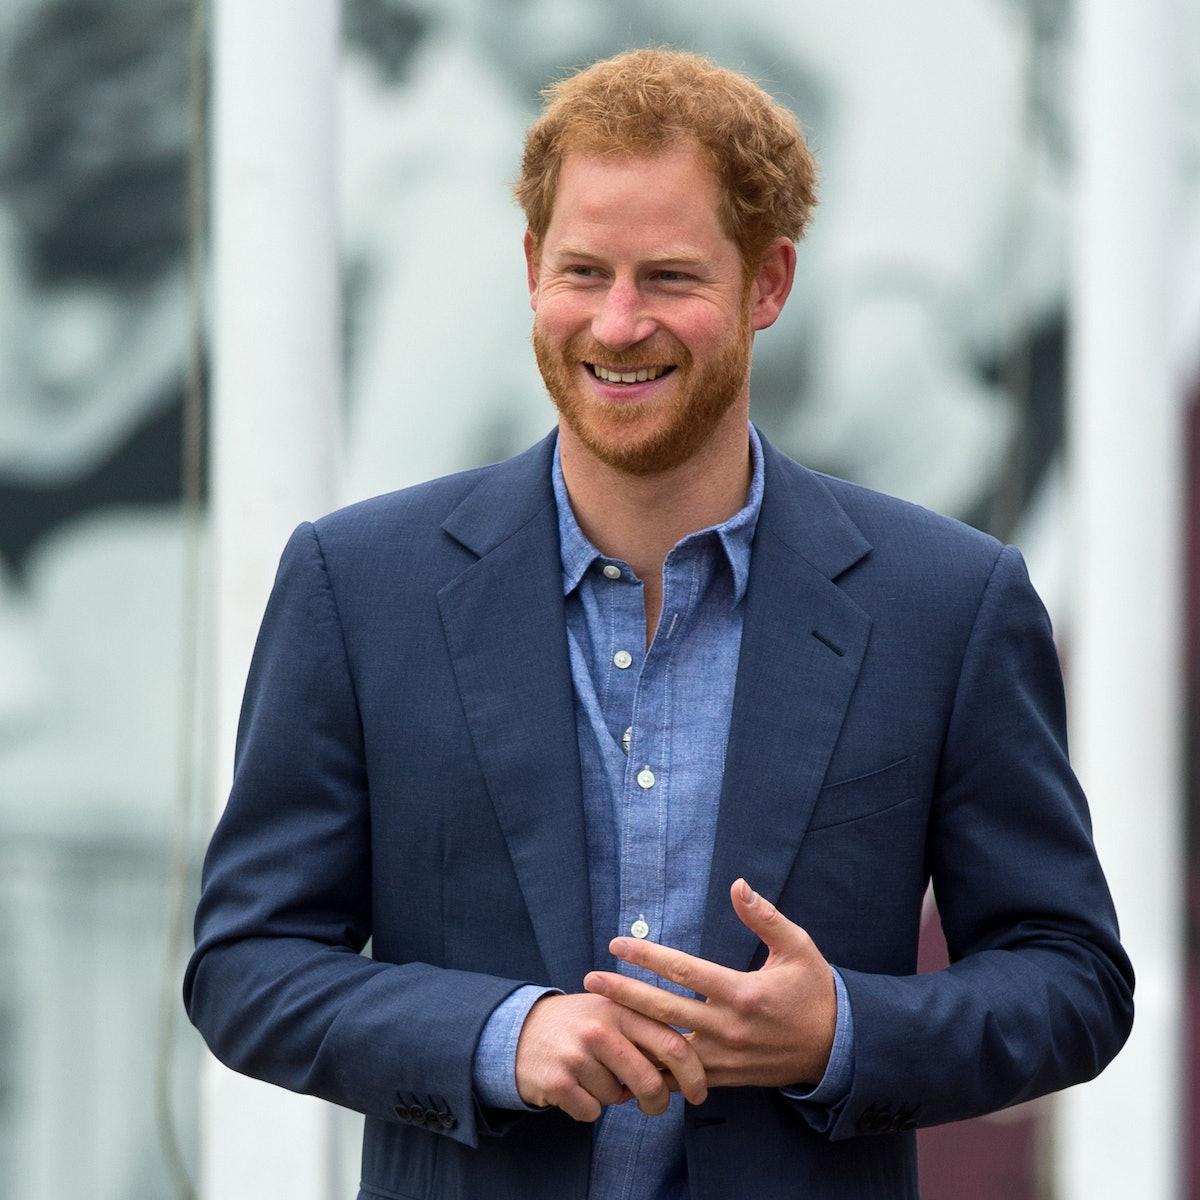 Prince Harry nephew gift